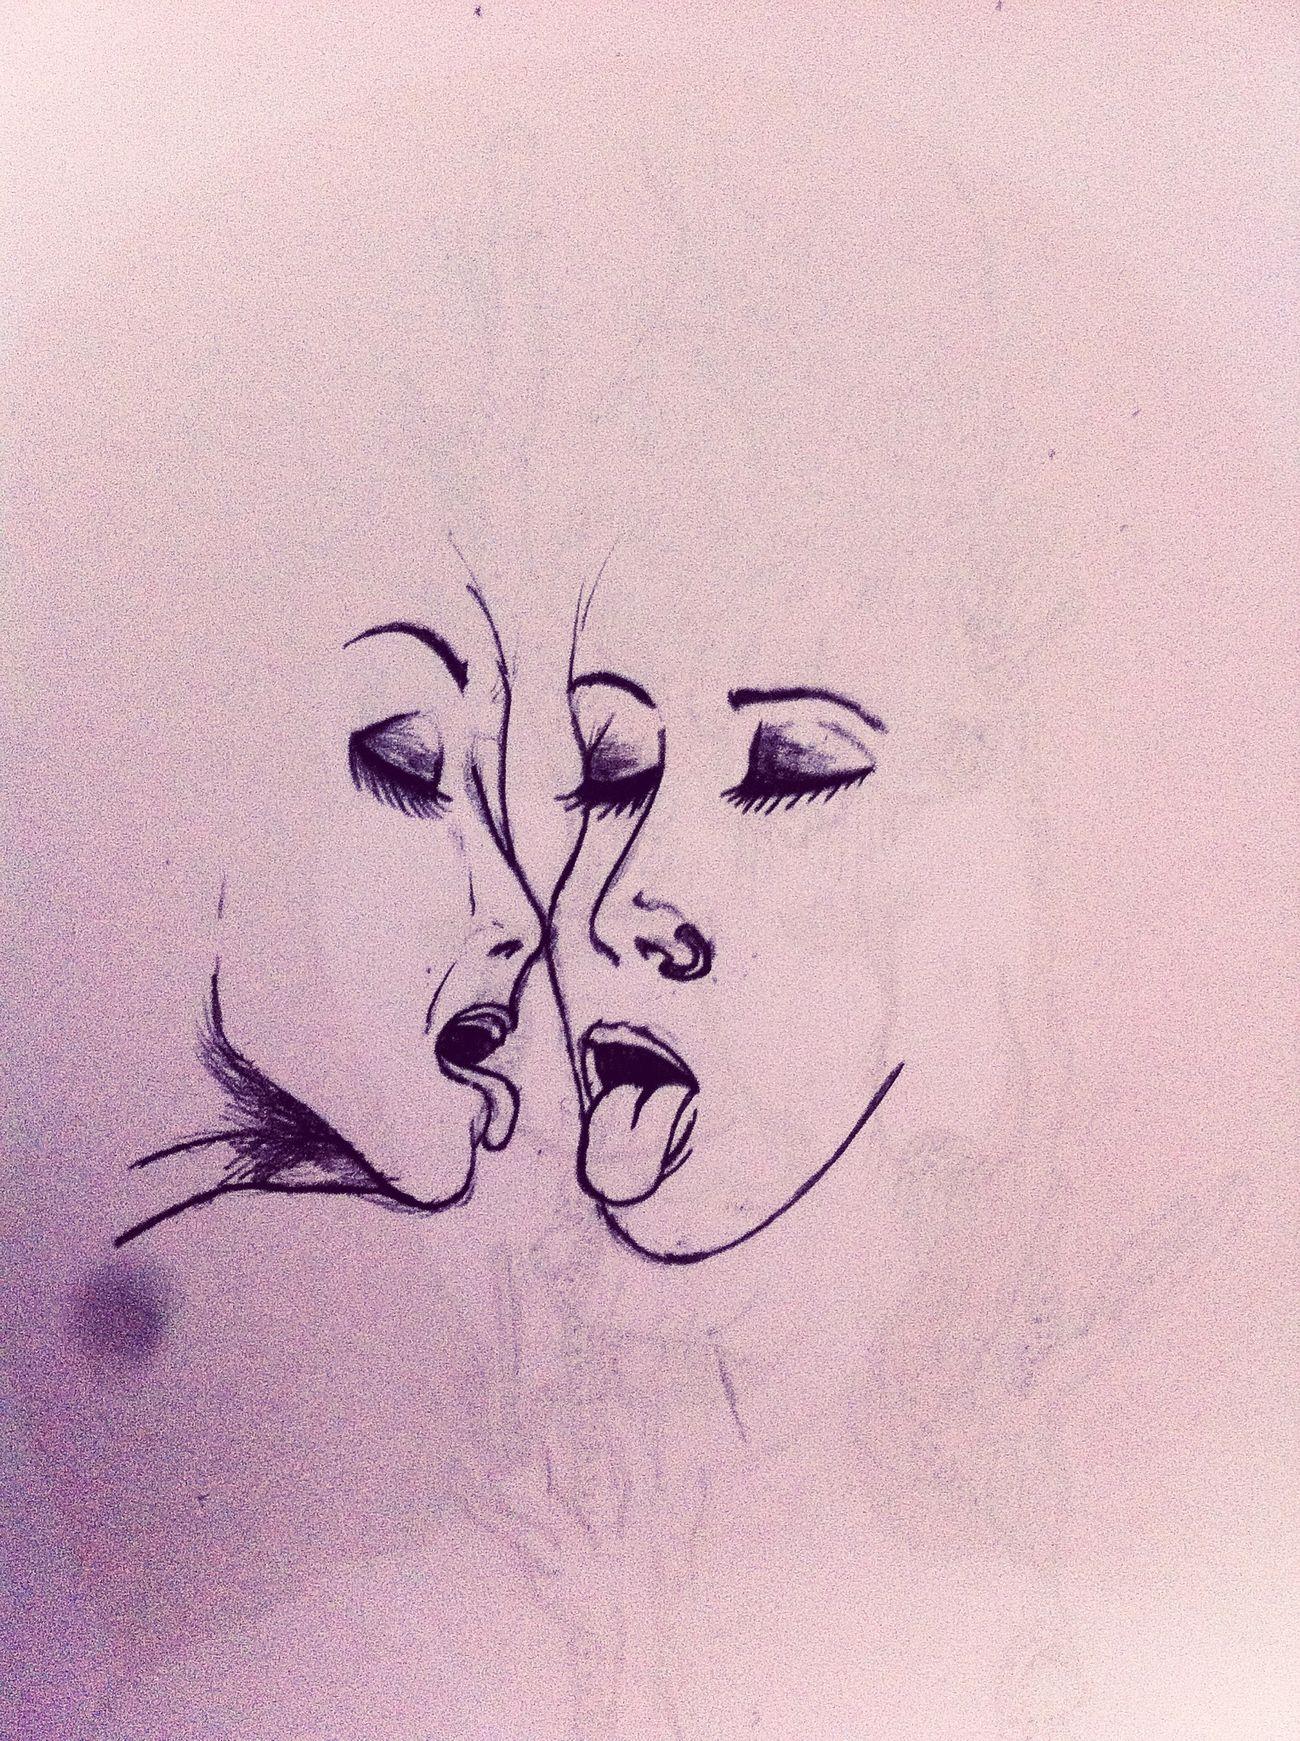 Woman Girls Love Grafito Drawing Kiss